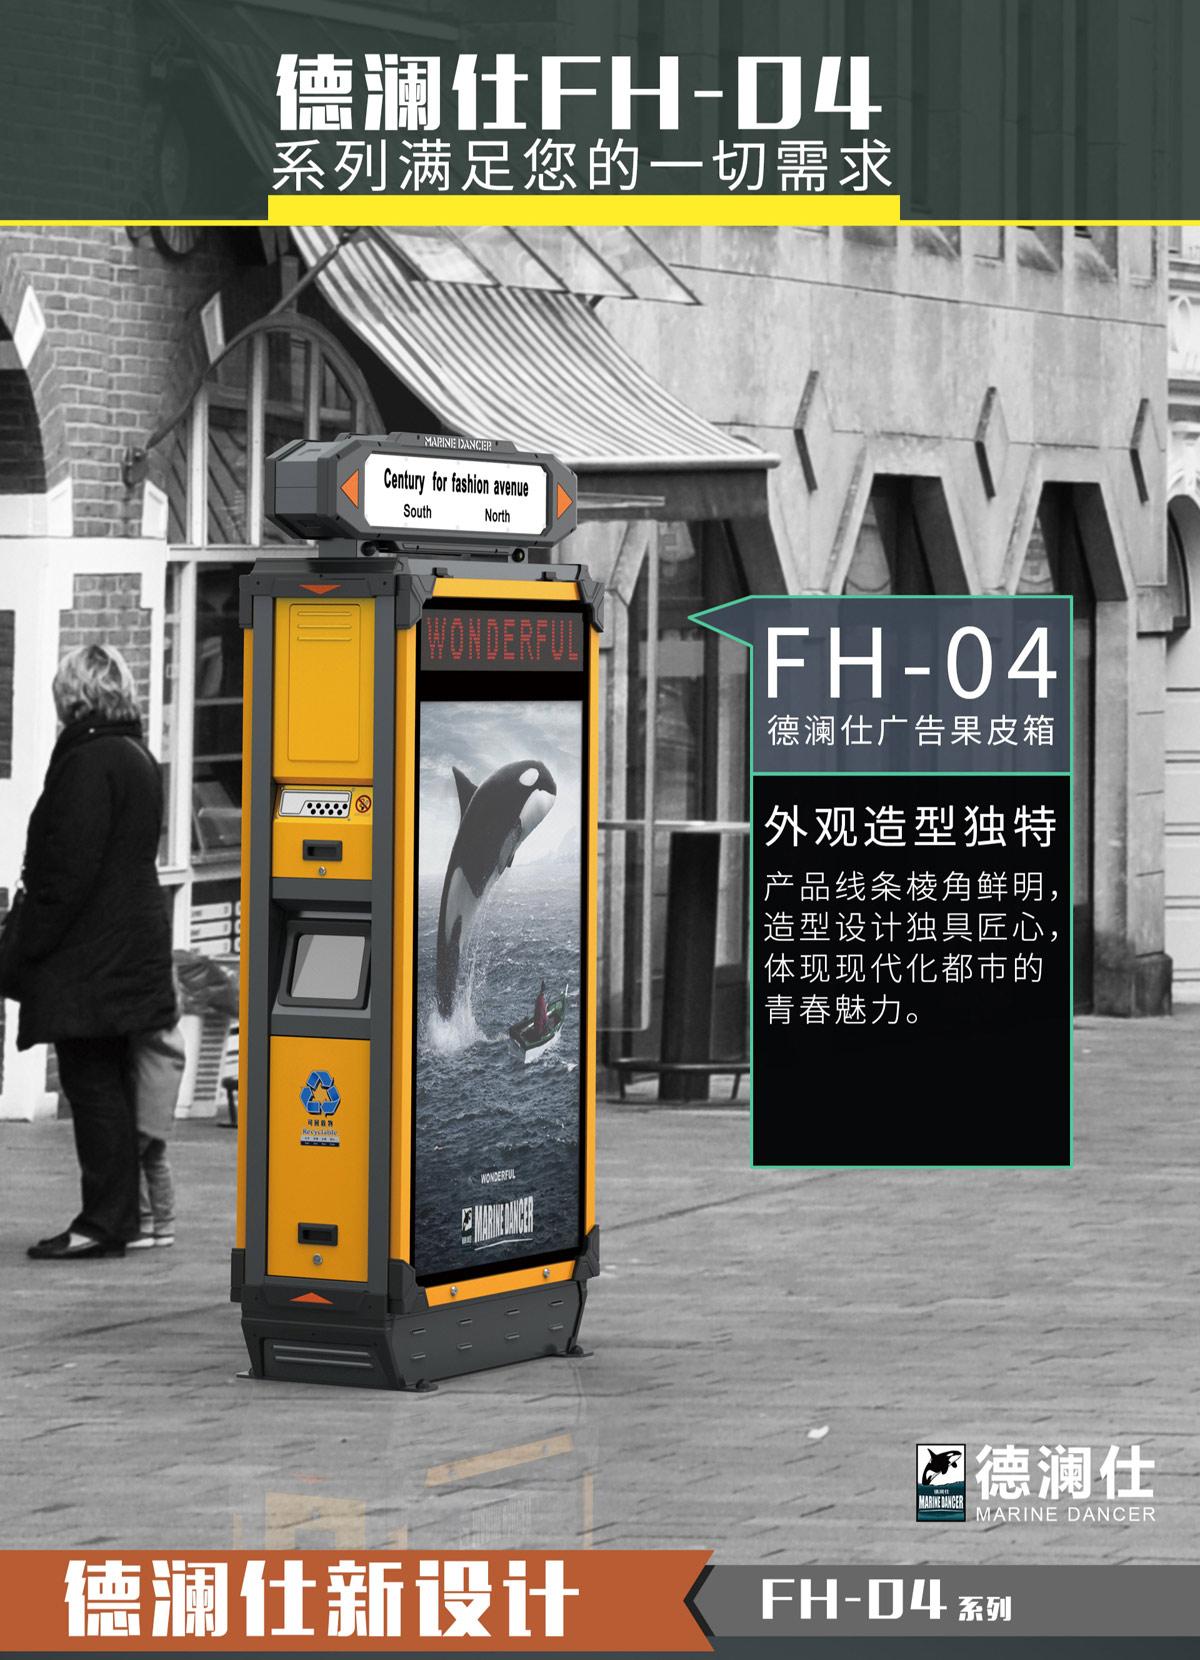 城市广告垃圾箱6.jpg